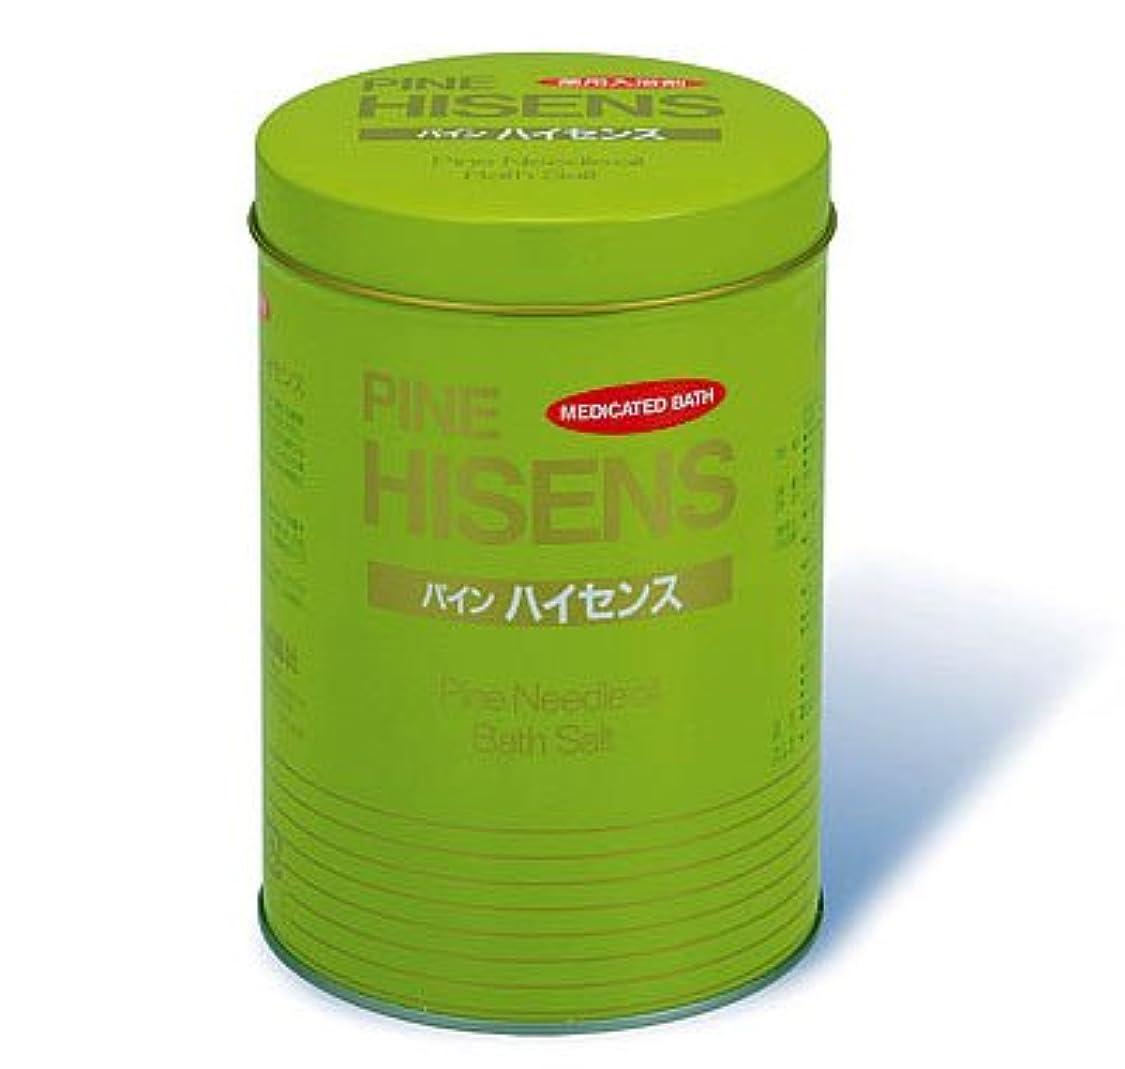 違反文字通りバランス高陽社 薬用入浴剤 パインハイセンス 2.1kg 1缶